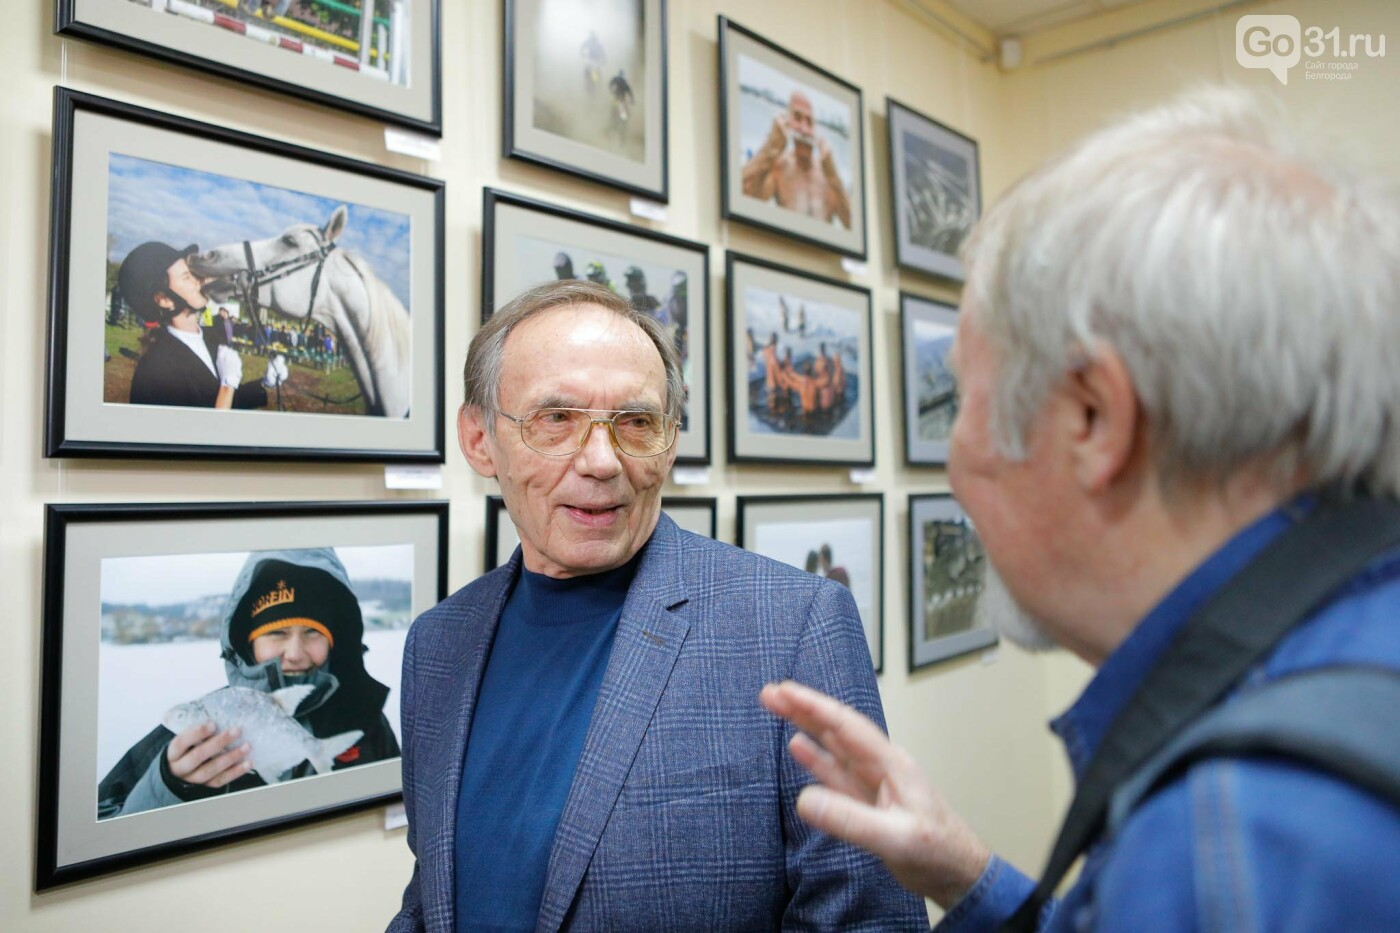 «Вежливое кредо». В Белгороде открылась персональная фотовыставка Валерия Морева, фото-9